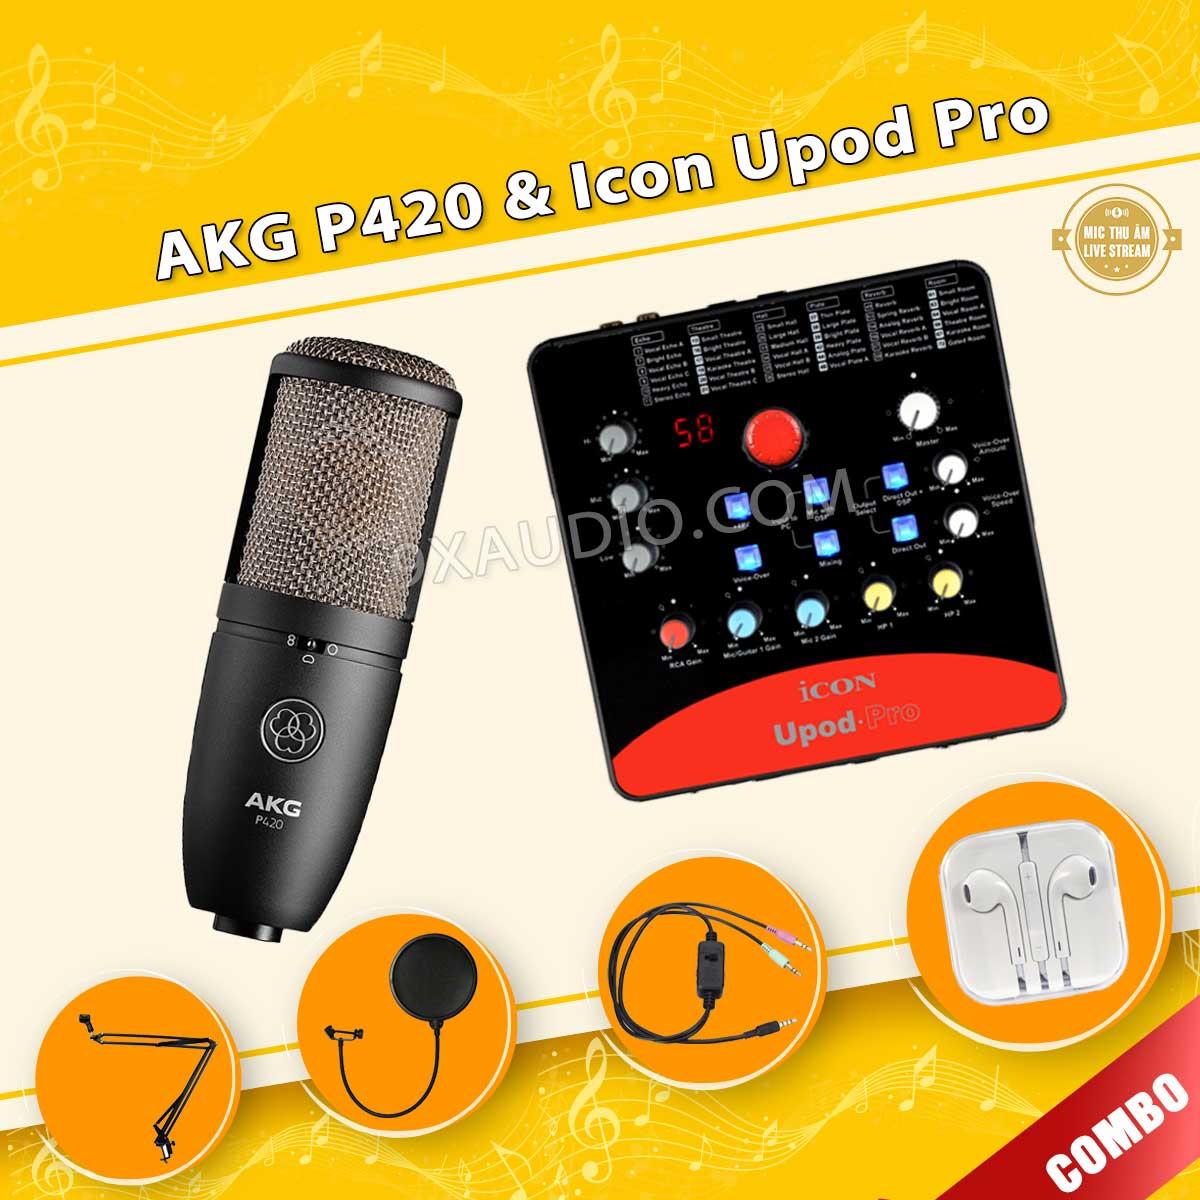 mic-thu-am-akg-p420-icon-upod-pro